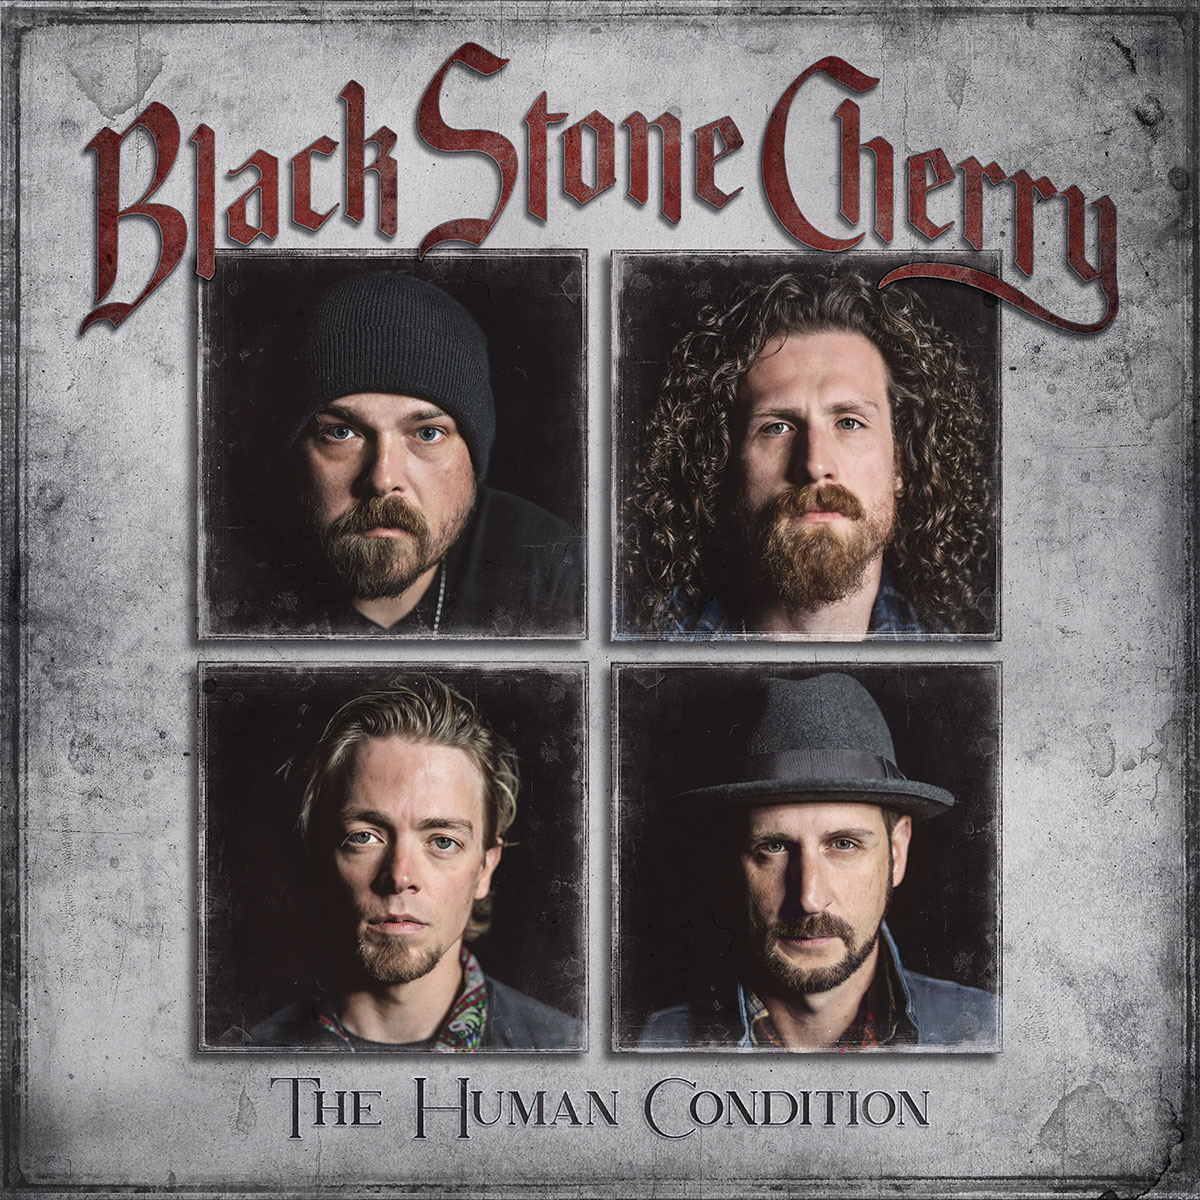 the human condition par black stone cherry